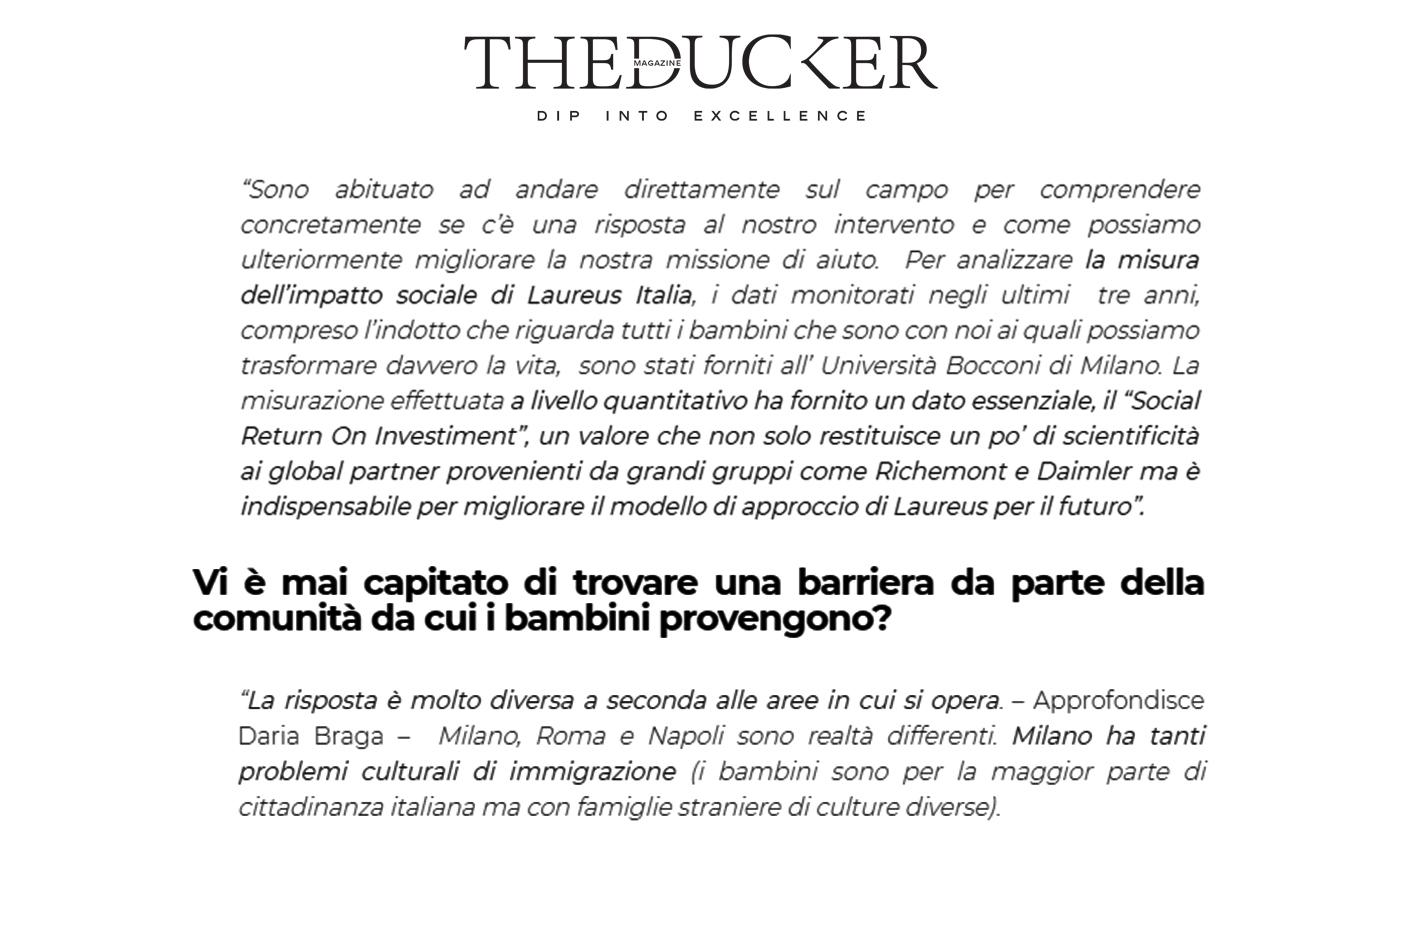 24_07_2018_THE-DUCKER_5